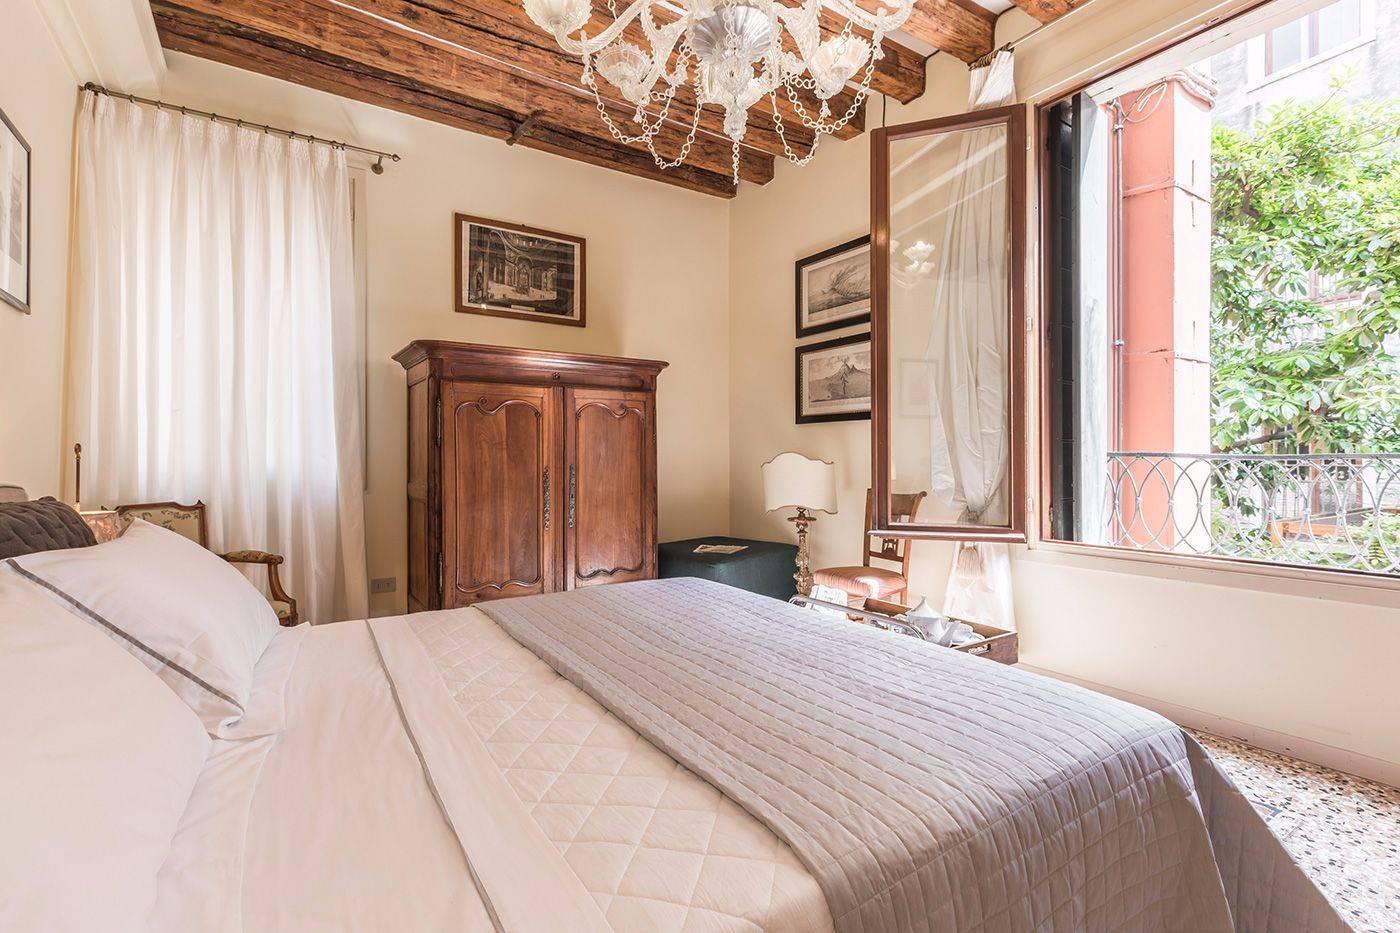 the bedroom overlooks quiet private gardens